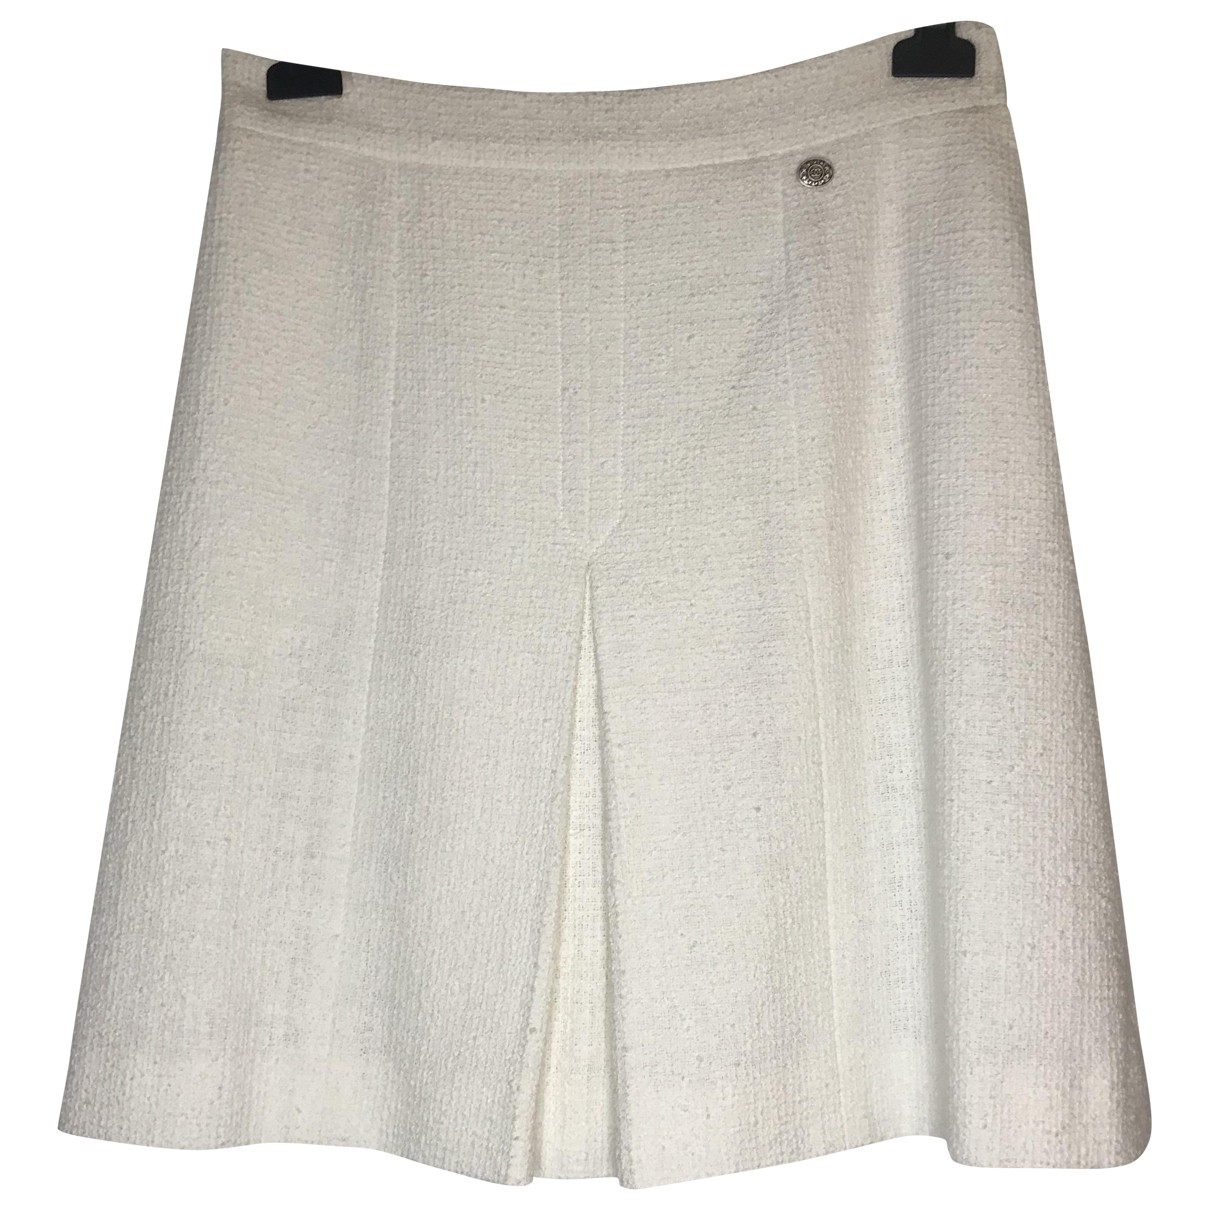 Chanel \N White Cotton skirt for Women 40 FR